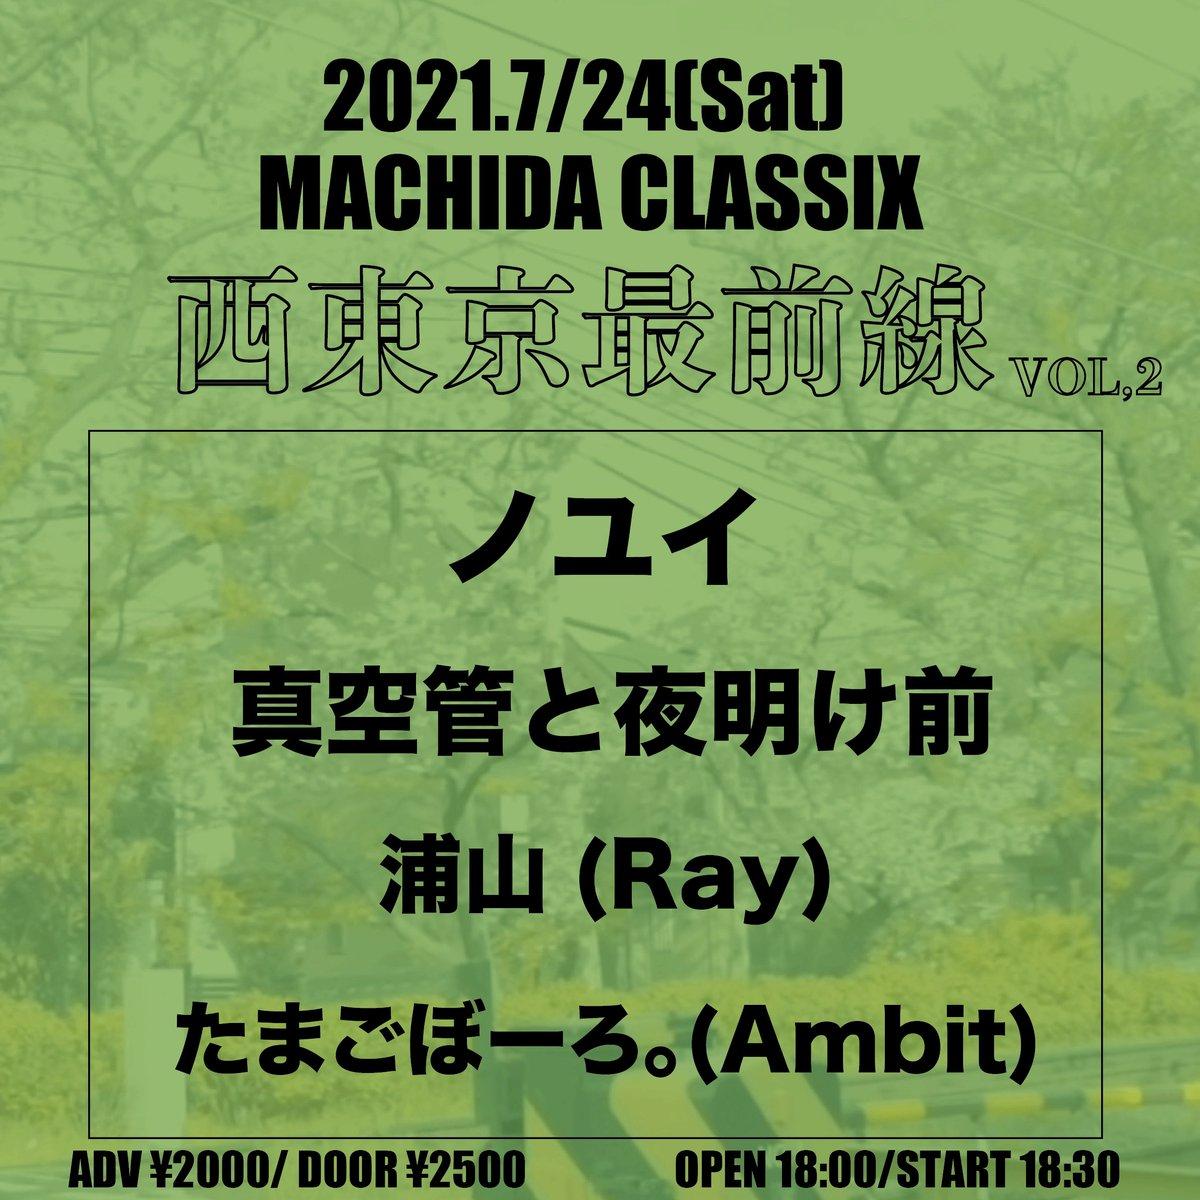 test ツイッターメディア - 2021 7/24(Sat)  西東京最前線 vol,2  浦山(Ray) 真空管と夜明け前 たまごぼーろ。(Ambit)  ticket:前売り¥2000/当日¥2500 OPEN 18:00/START 18:30  Rayは弾き語りの出演に変更になりました、 ご理解の程よろしくお願い致します。 https://t.co/4KuwgKezb6